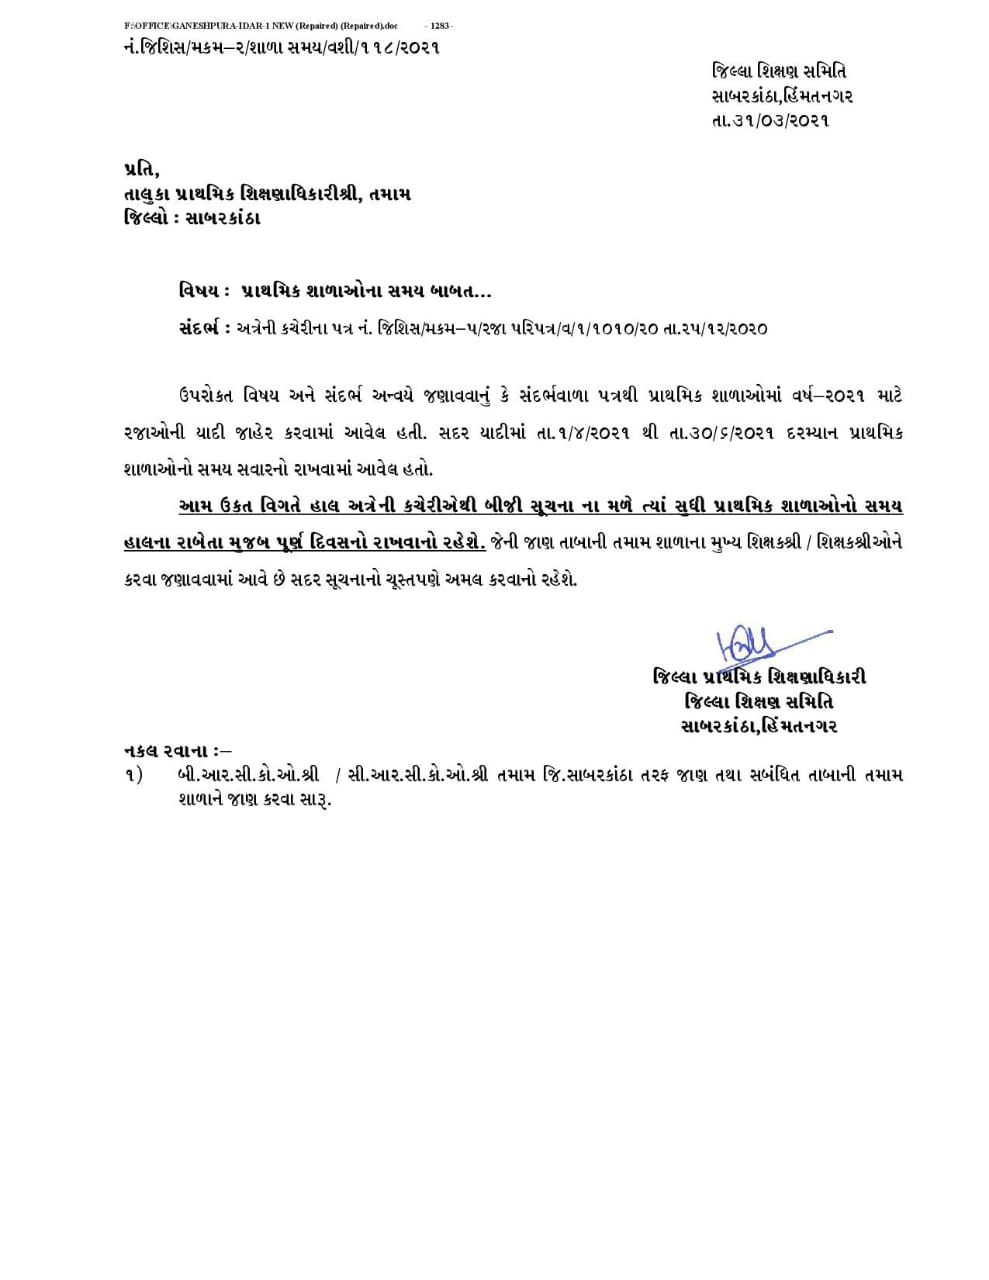 https://sarvshixan.blogspot.com/2021/03/prathmik-shala-samay-babat-vividh-jilla.html